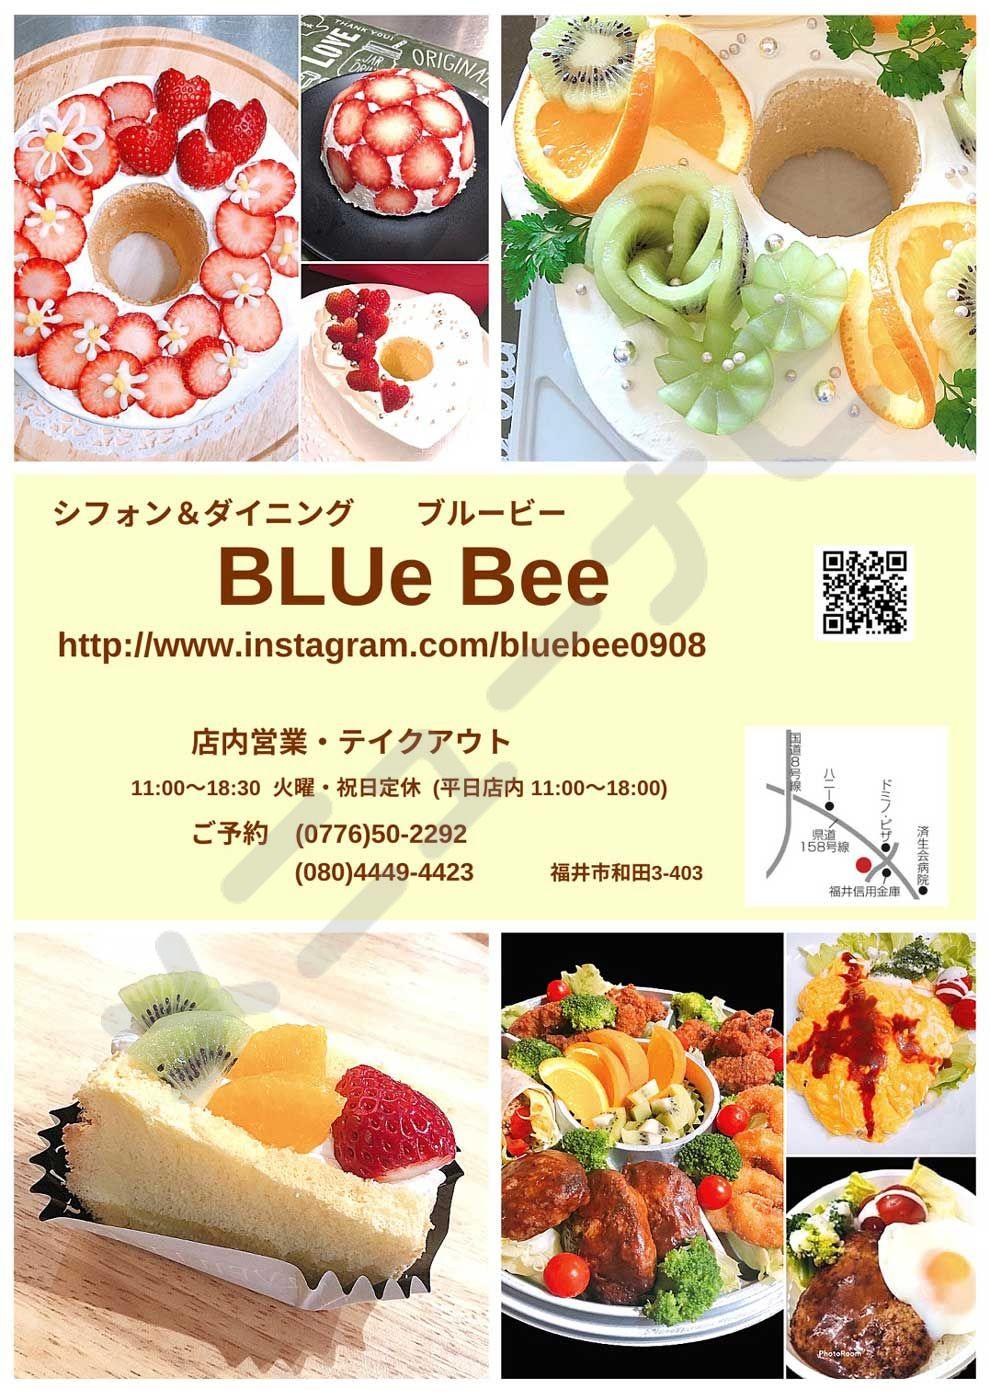 BLUeBee(テイクアウトメニュー)